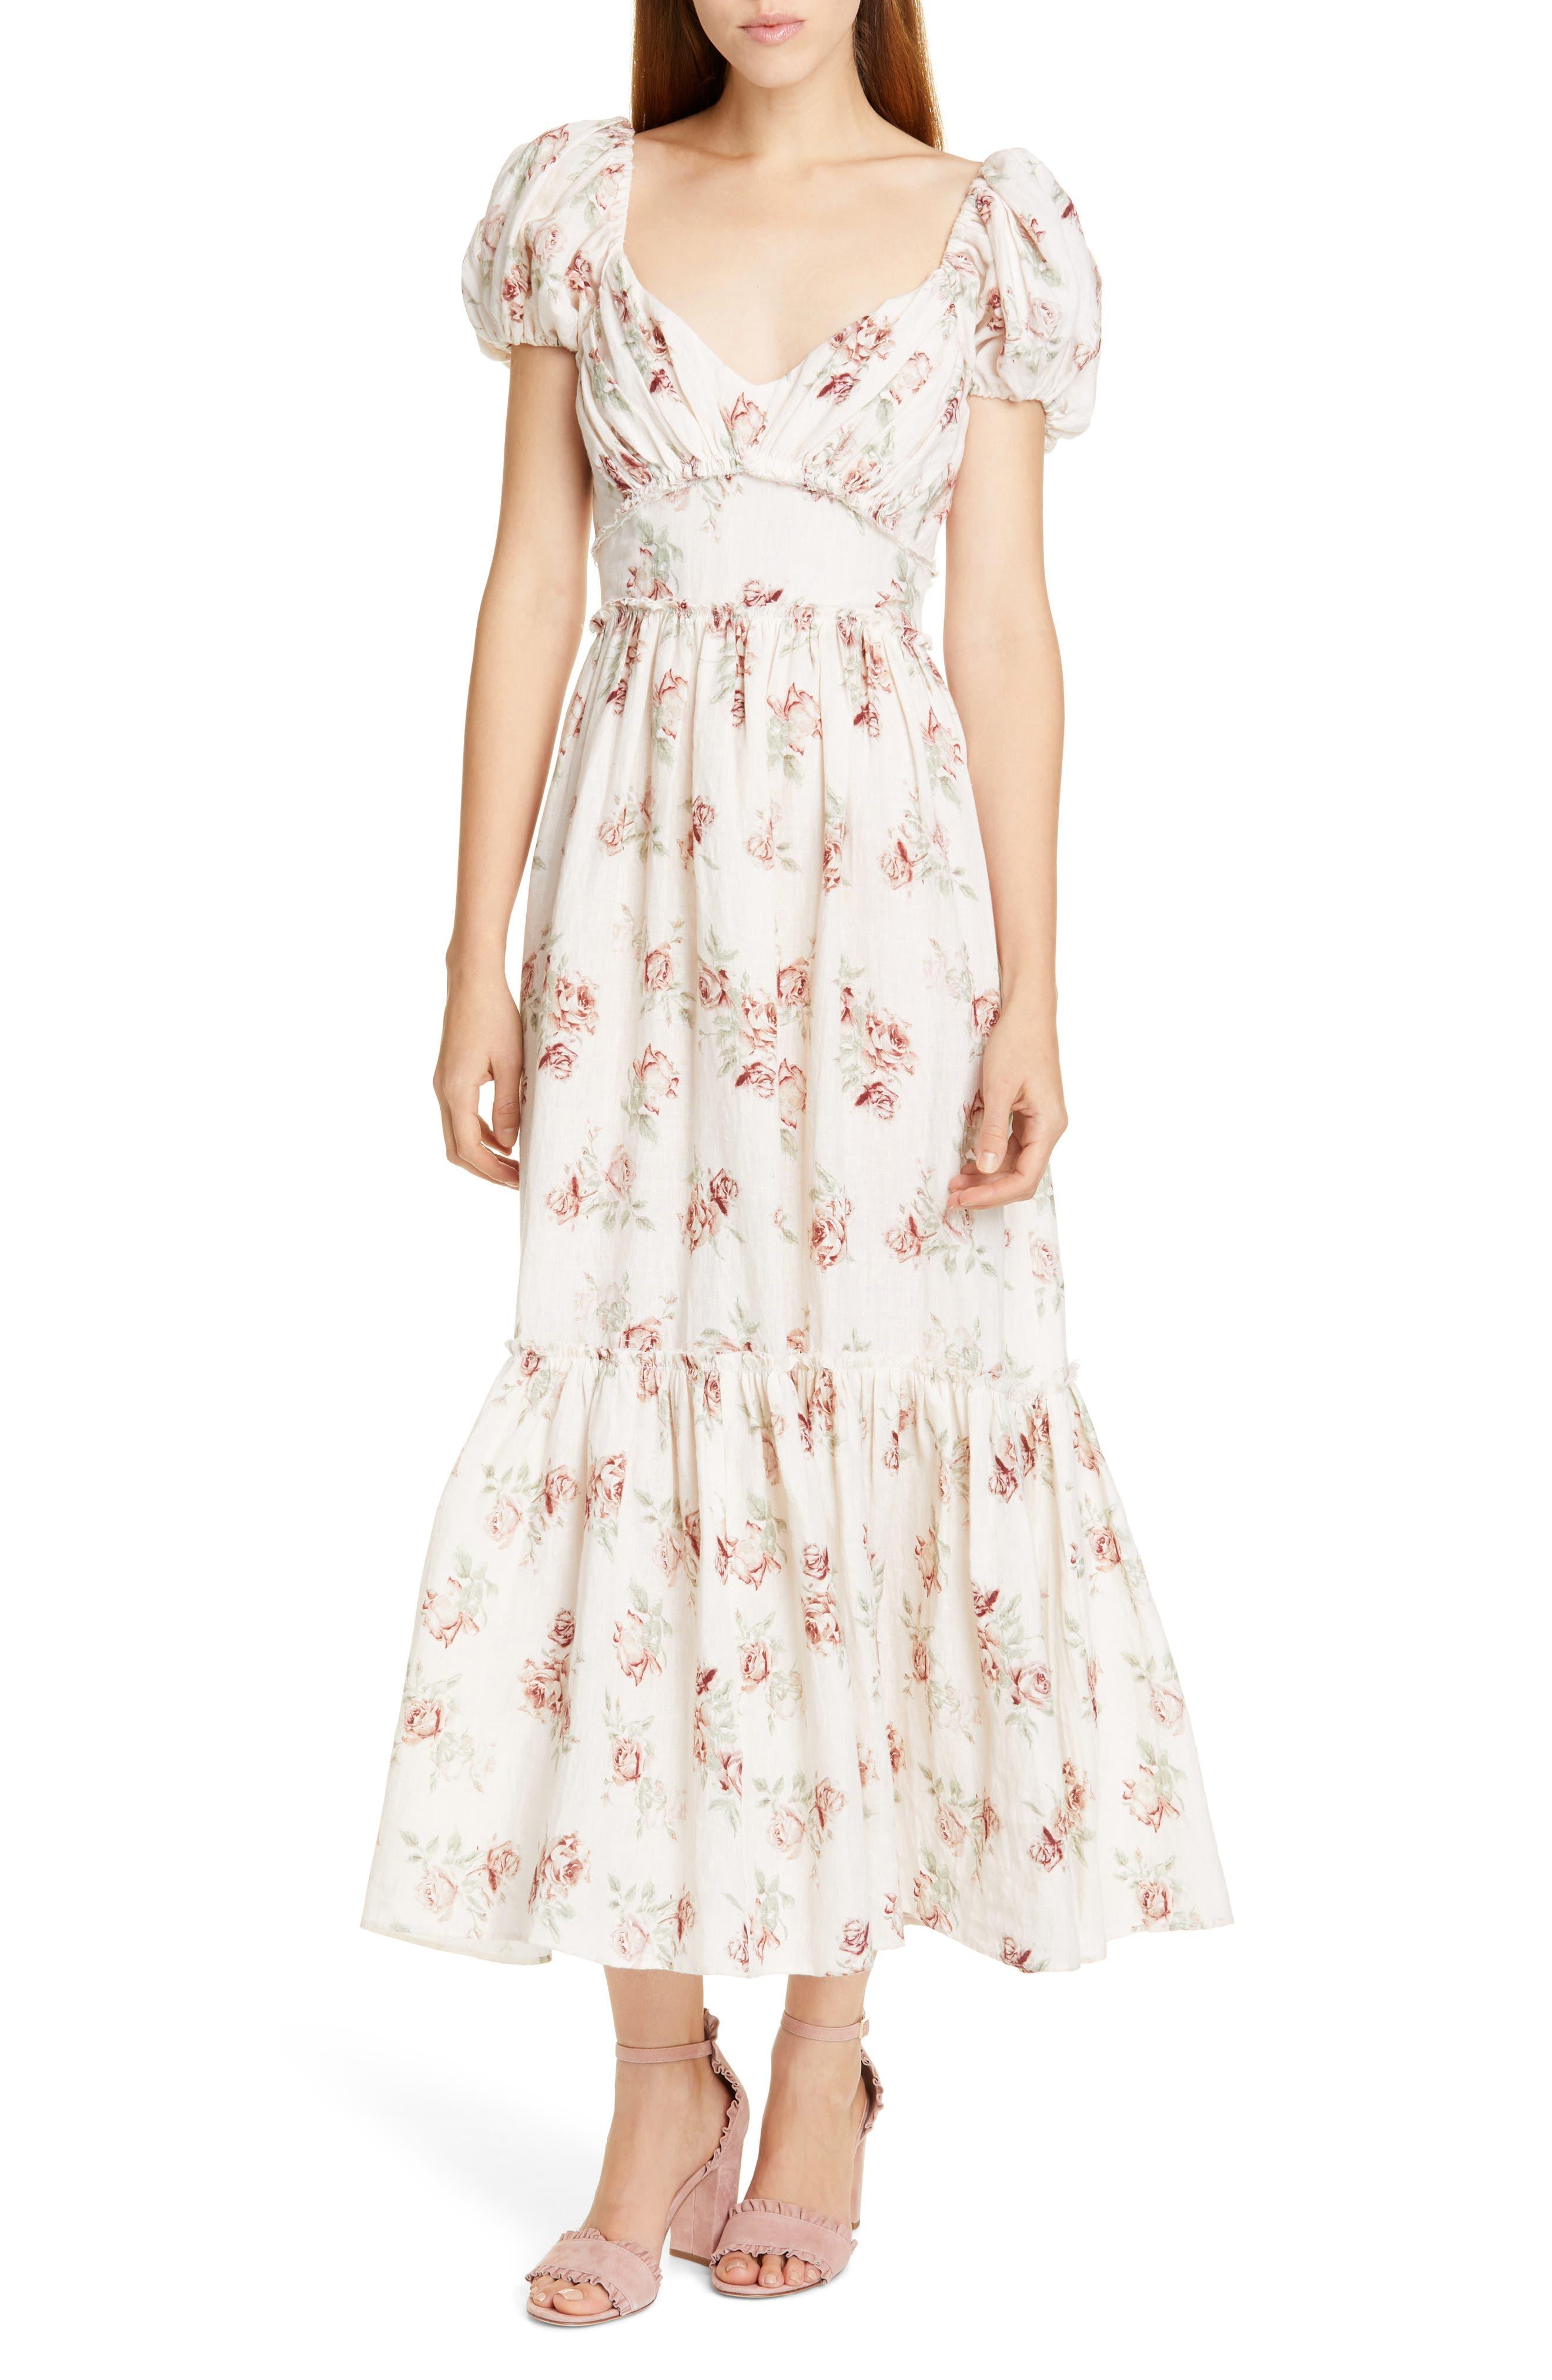 Loveshackfancy Angie Maxi Dress, Ivory